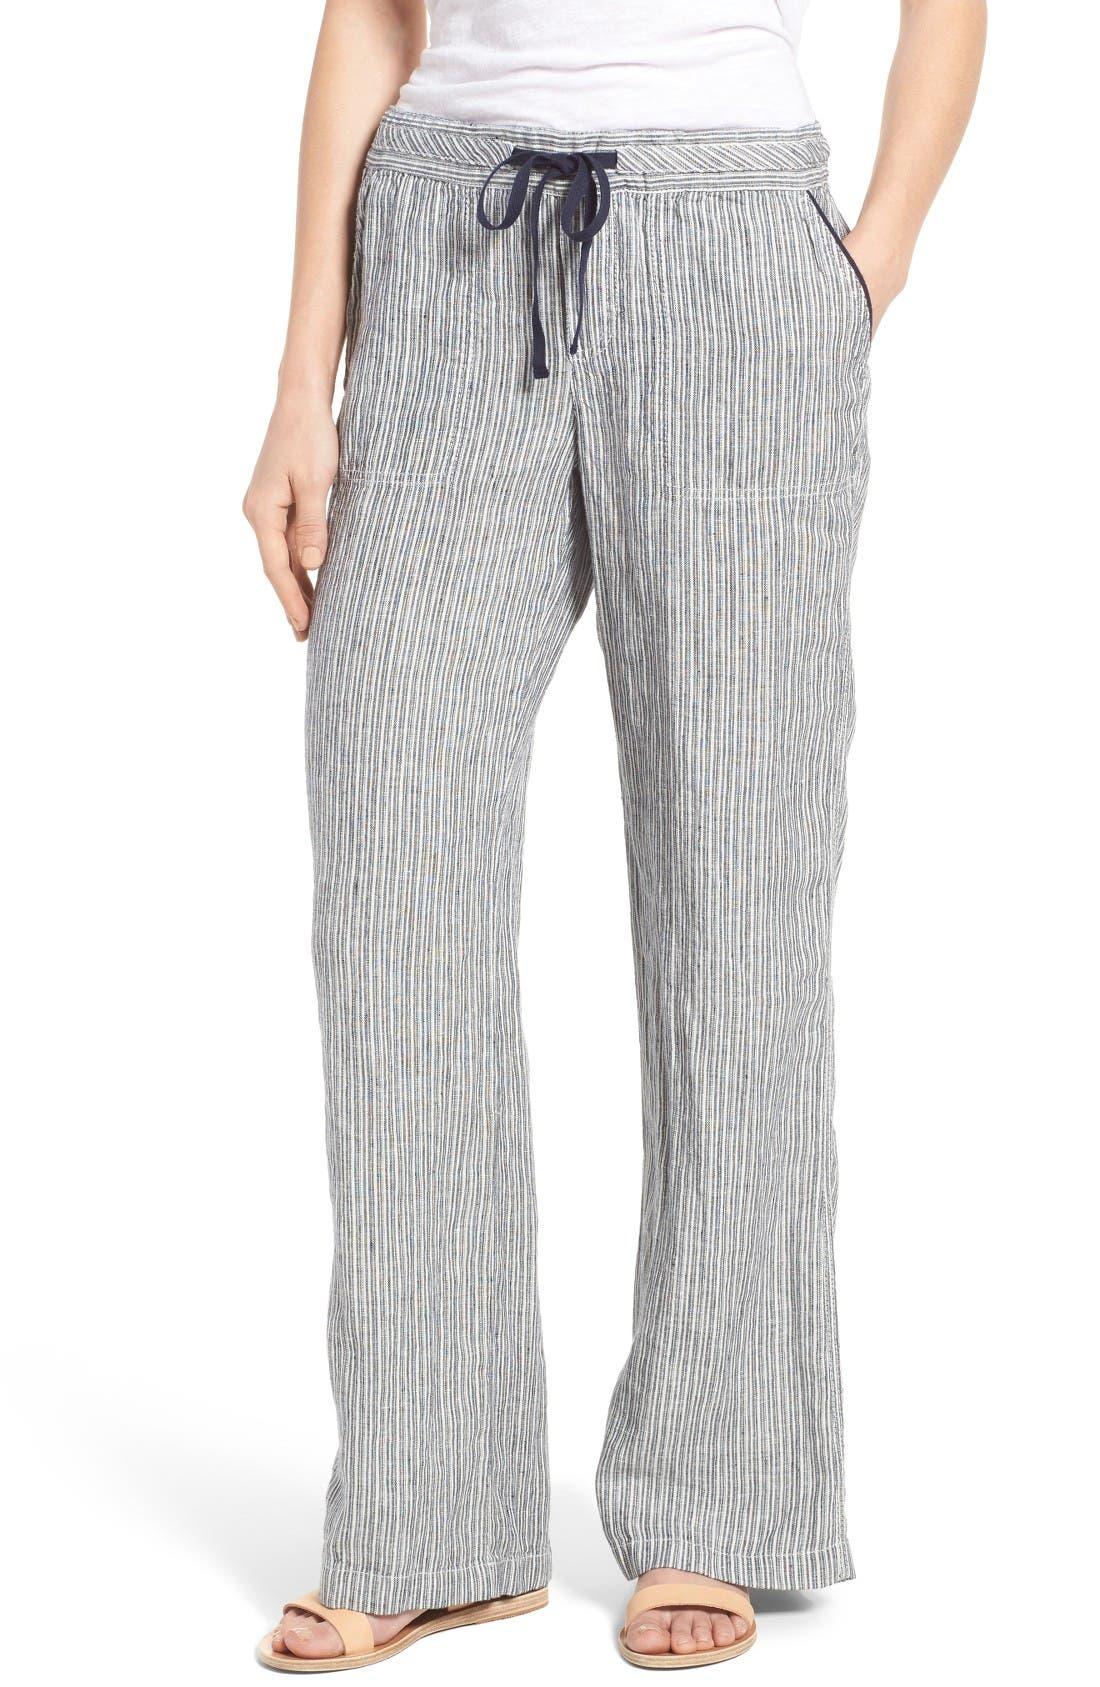 Pants for Women On Sale, Camel, Cotton, 2017, 10 12 8 Chloé